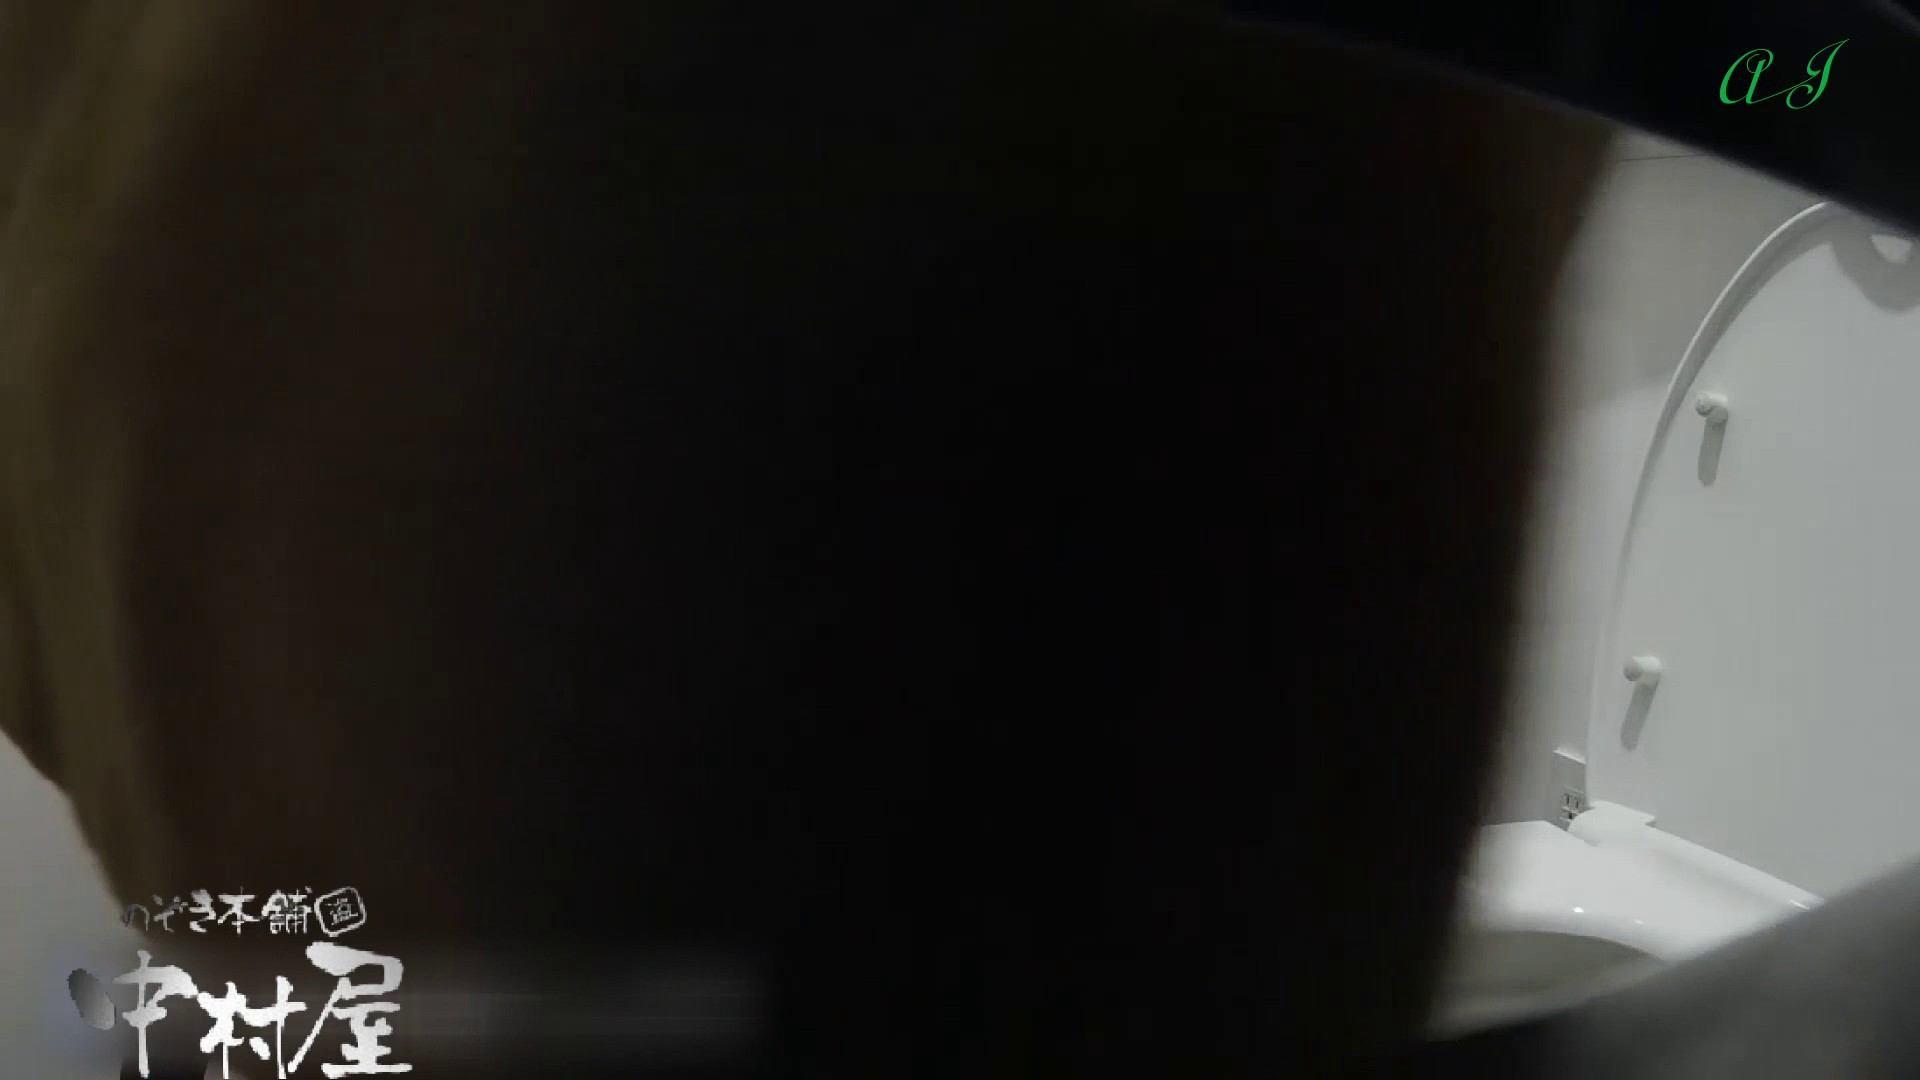 新アングル 4名の美女達 有名大学女性洗面所 vol.76後編 潜入シリーズ   HなOL  62pic 42